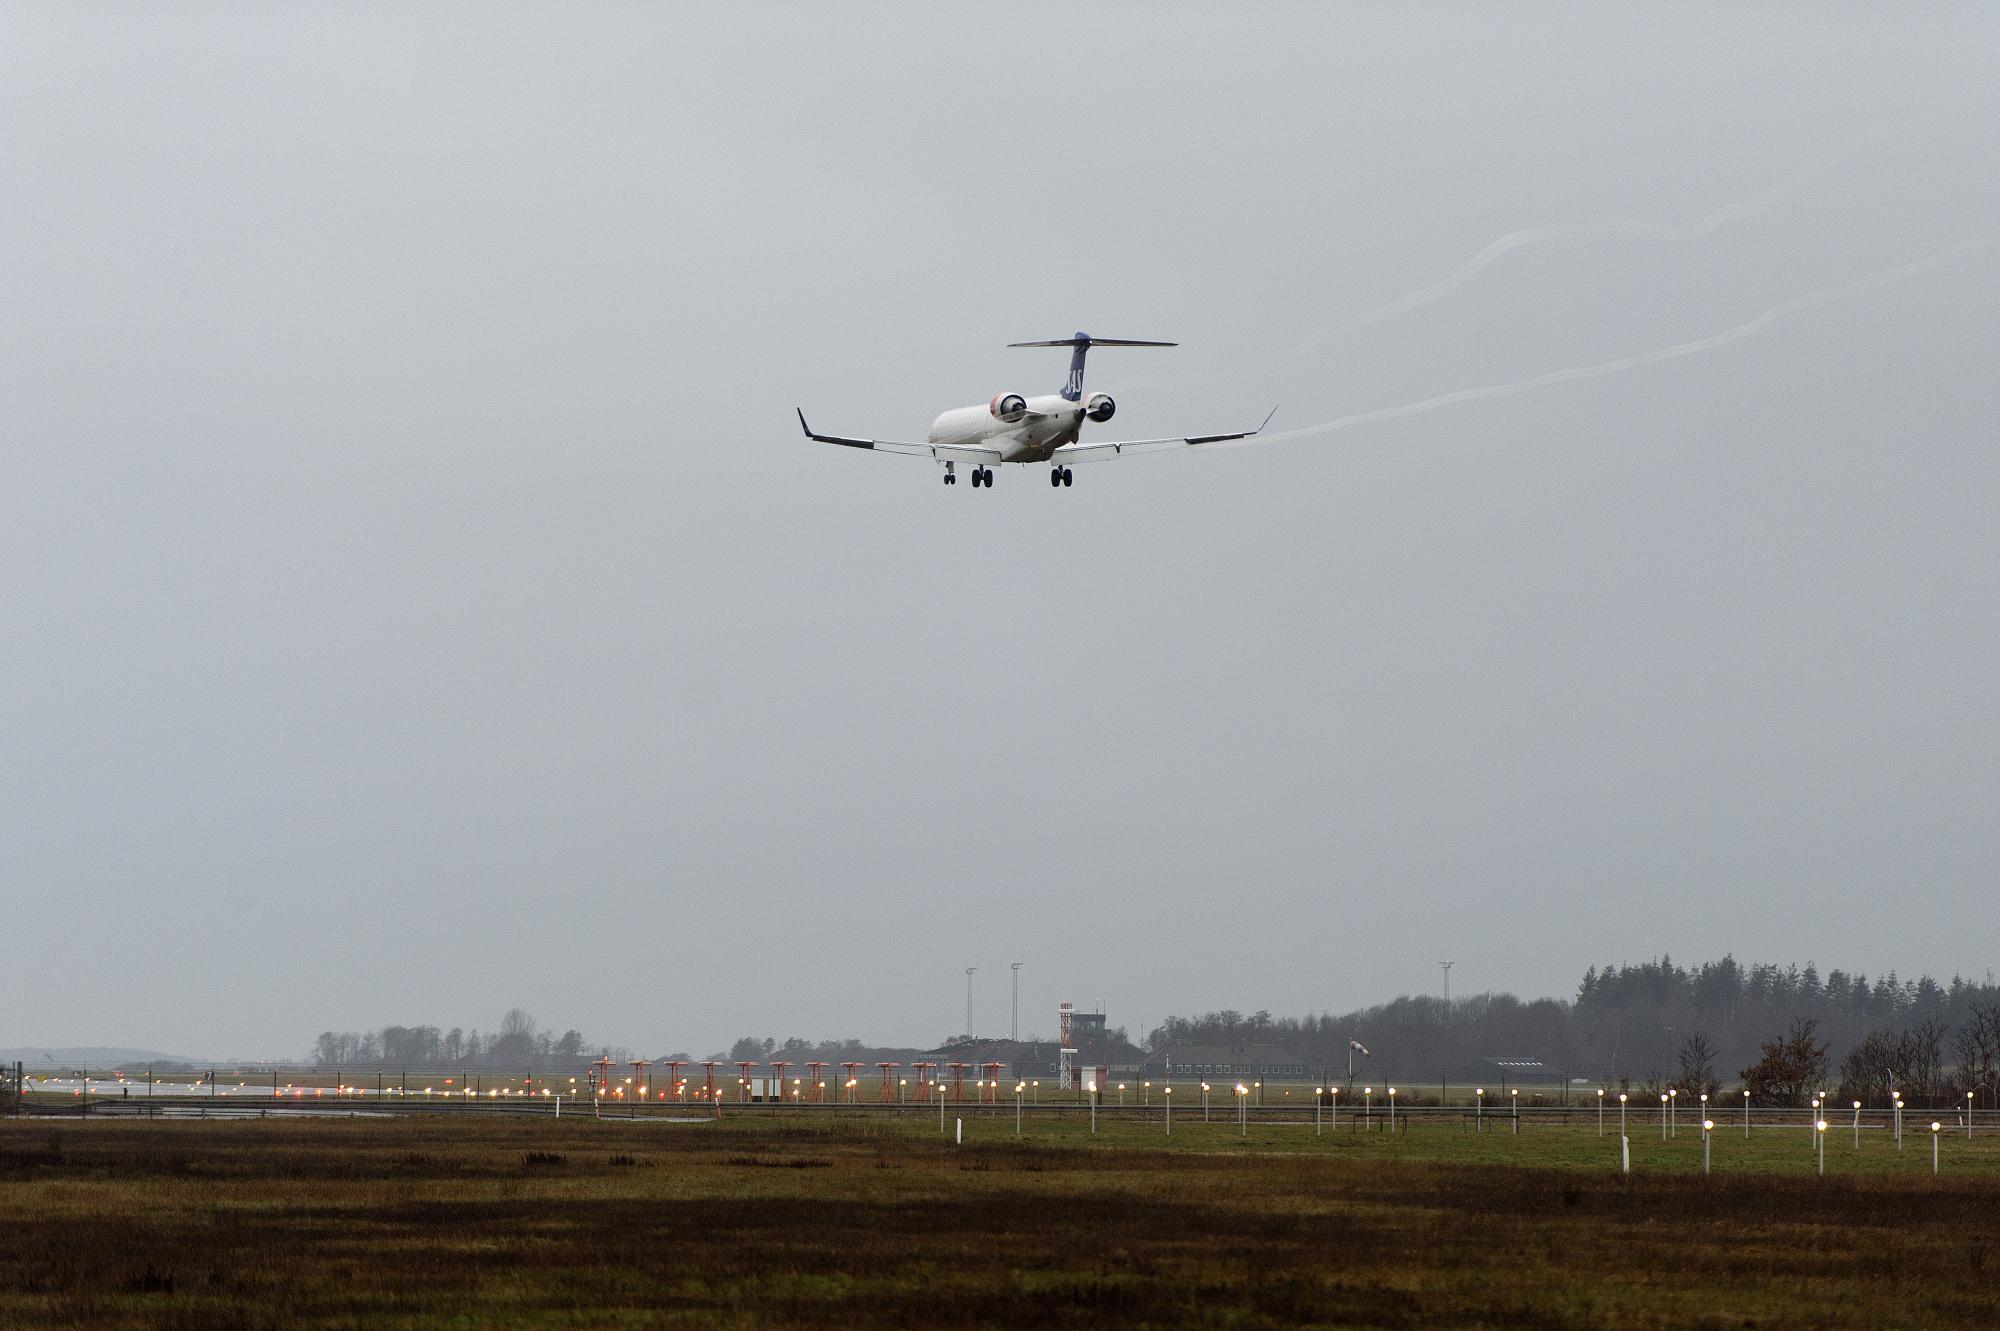 Rejs fra Aalborg Lufthavn med ren samvittighed